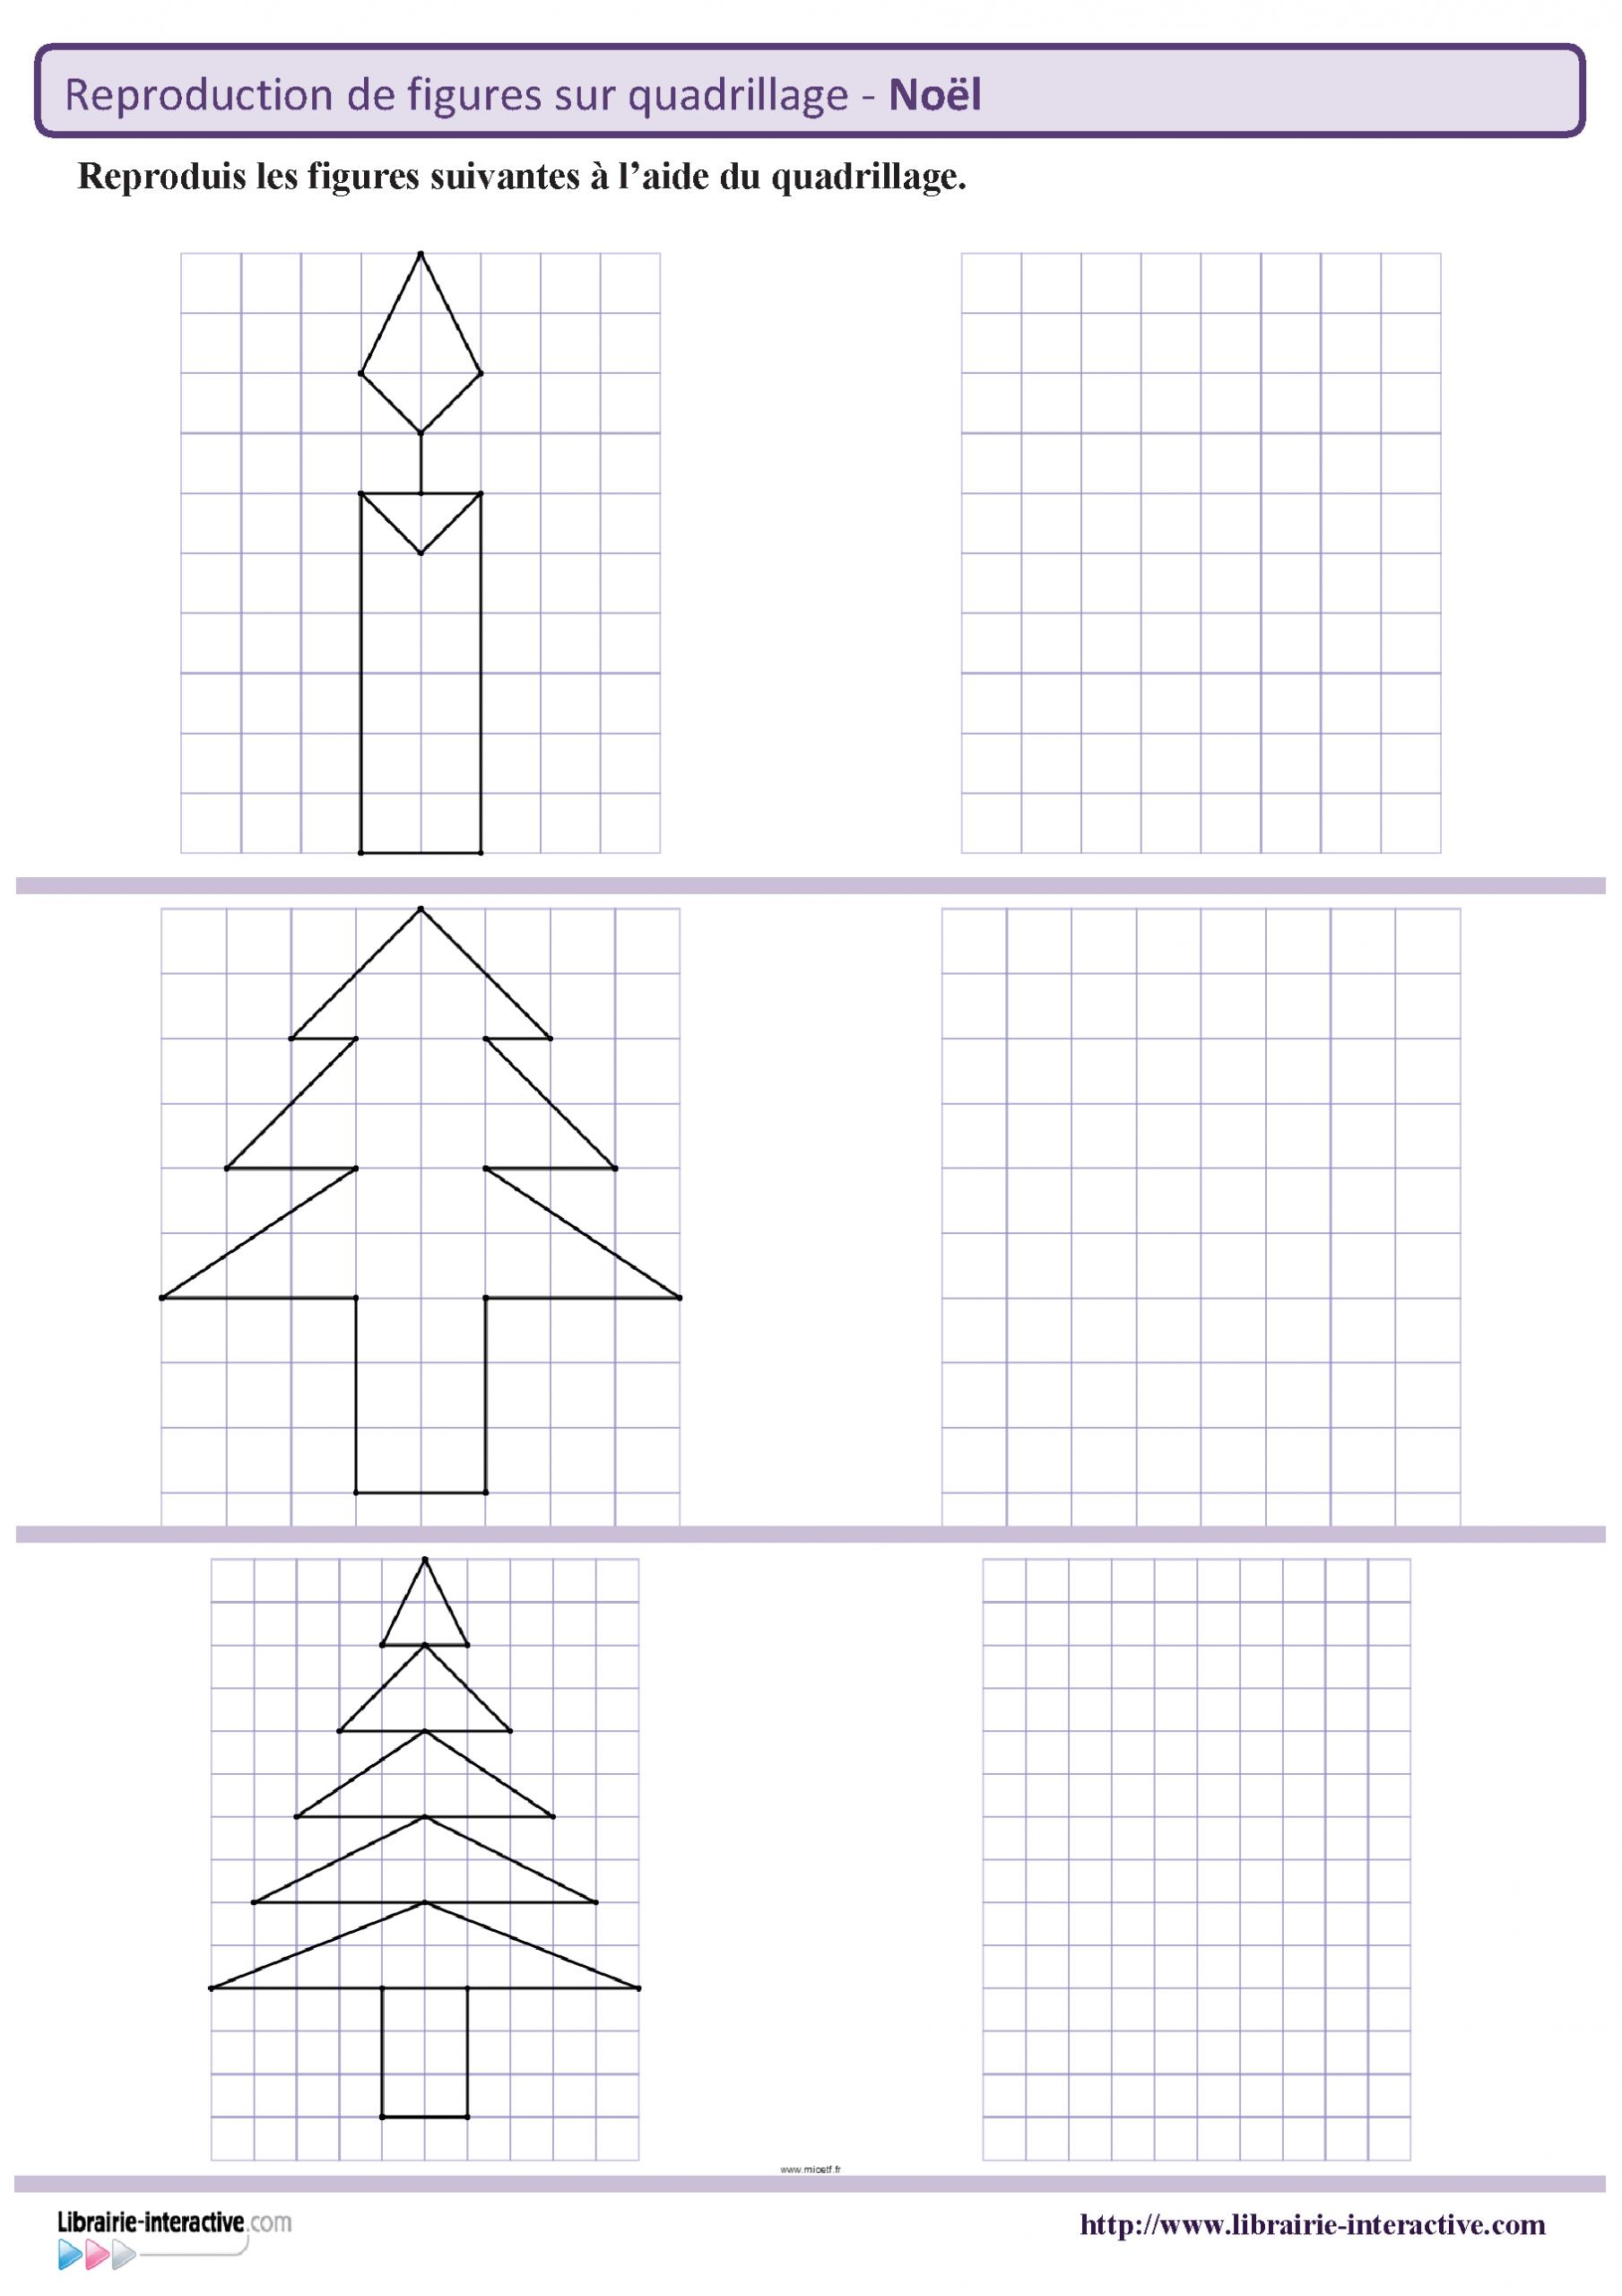 Des Figures Géométriques Sur Le Thème De Noël À Reproduire dedans Exercice Reproduction Sur Quadrillage Ce1